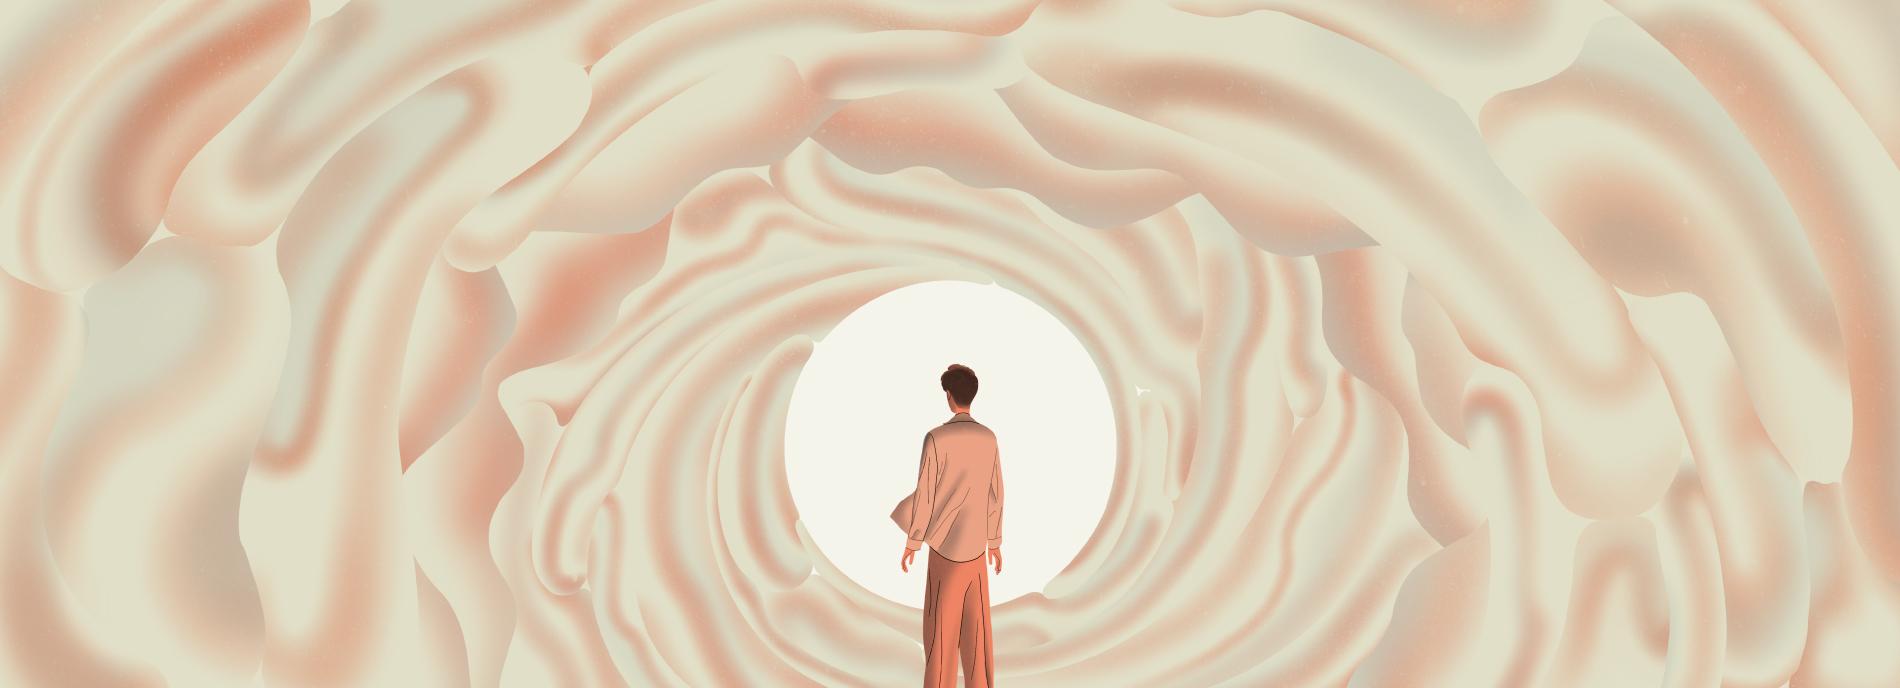 Boy in brain-like tunnel looking towards the light